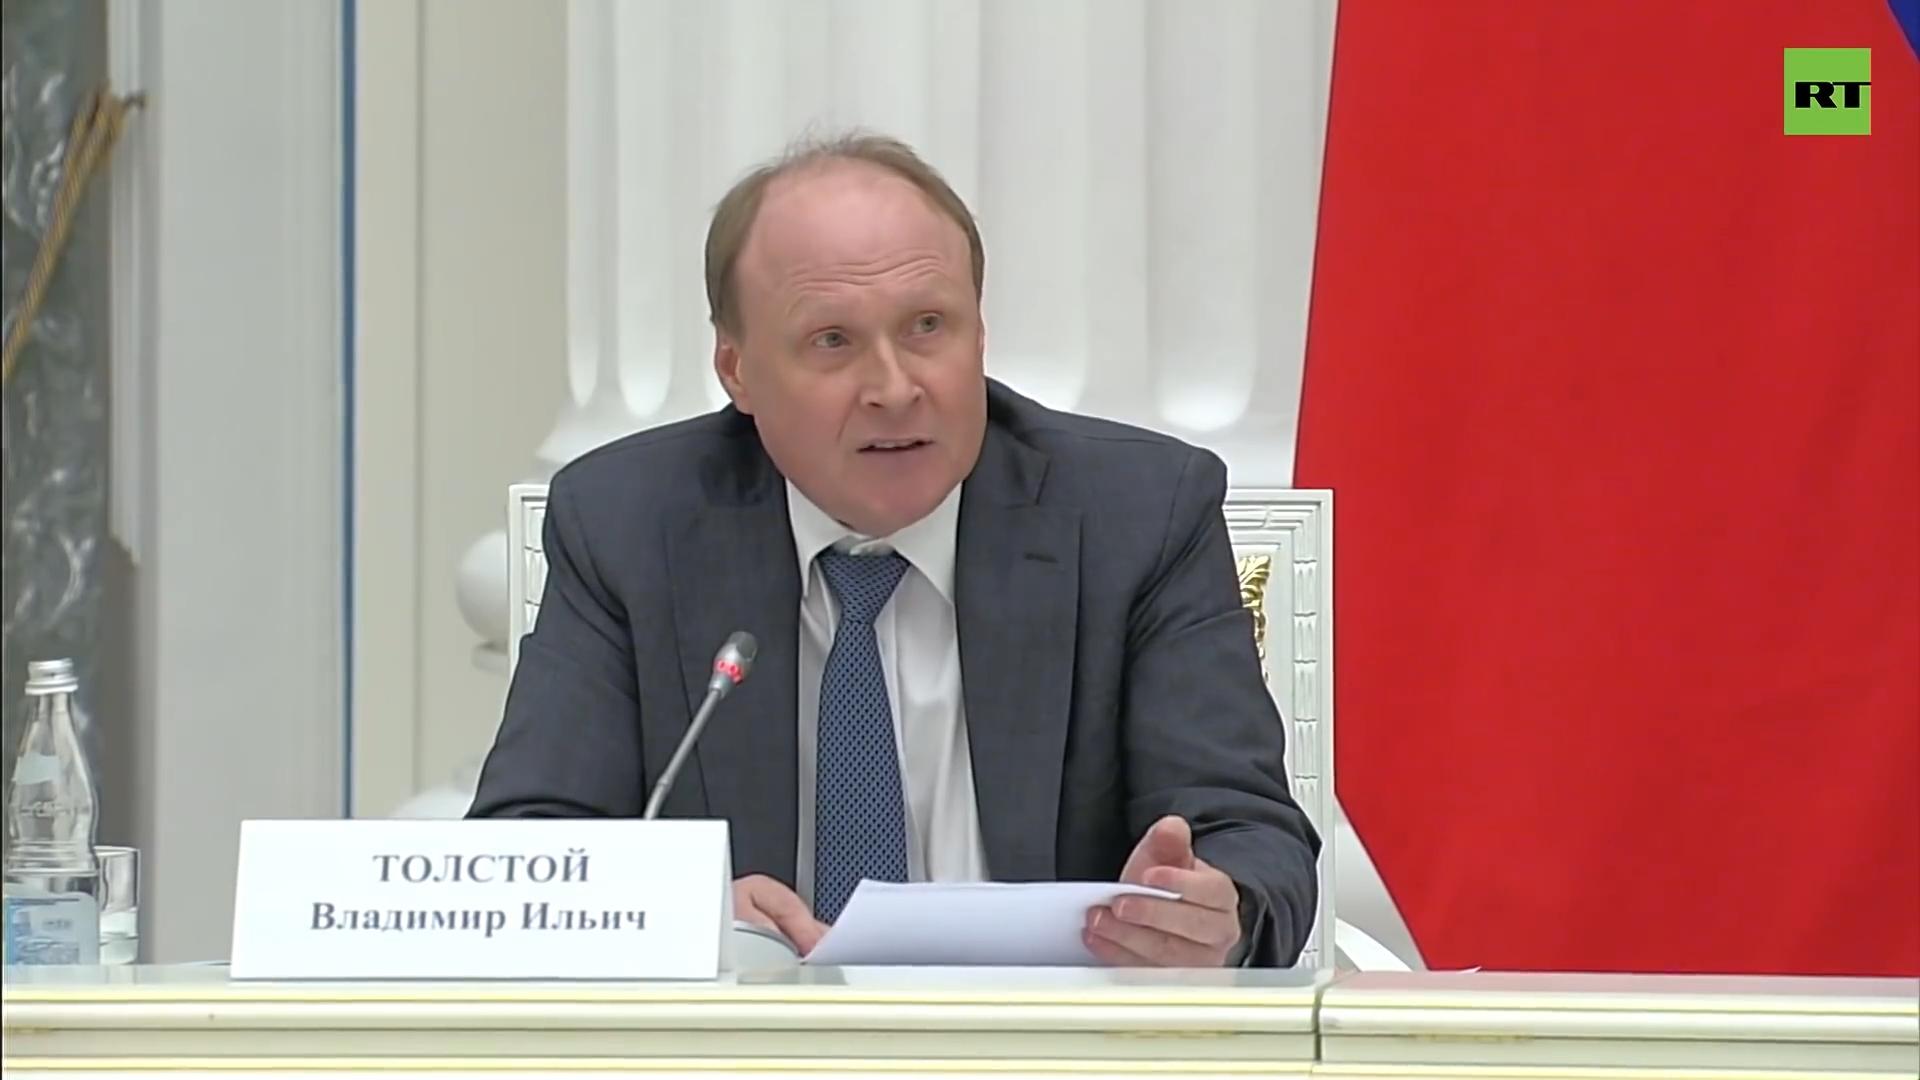 20191105_17-29-Путин поддержал идею организации юбилея Пушкина в 2024 году-pic5